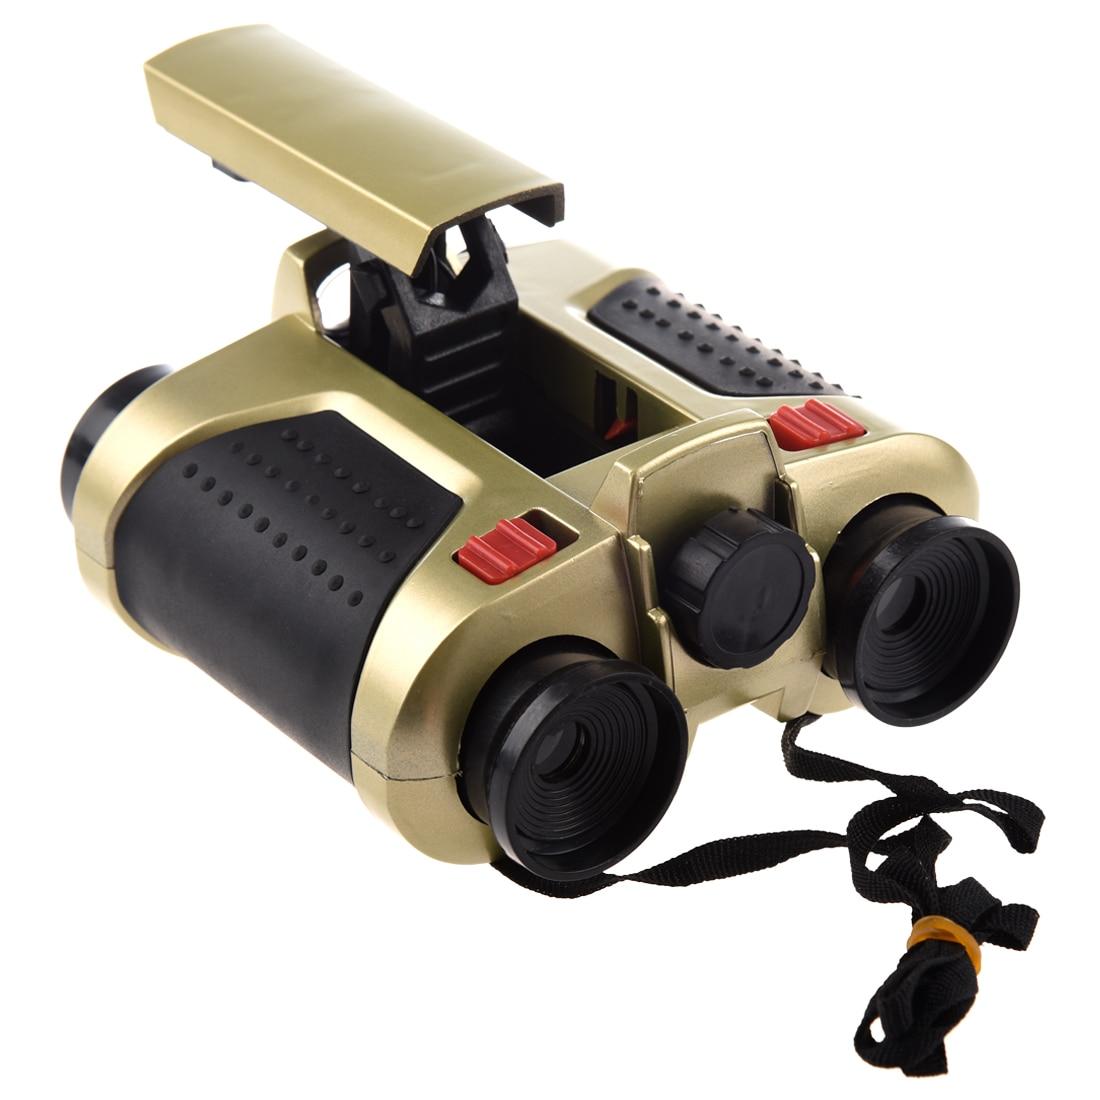 JFBL 2X 4x30 Night Scope font b Binoculars b font w POP Up Light